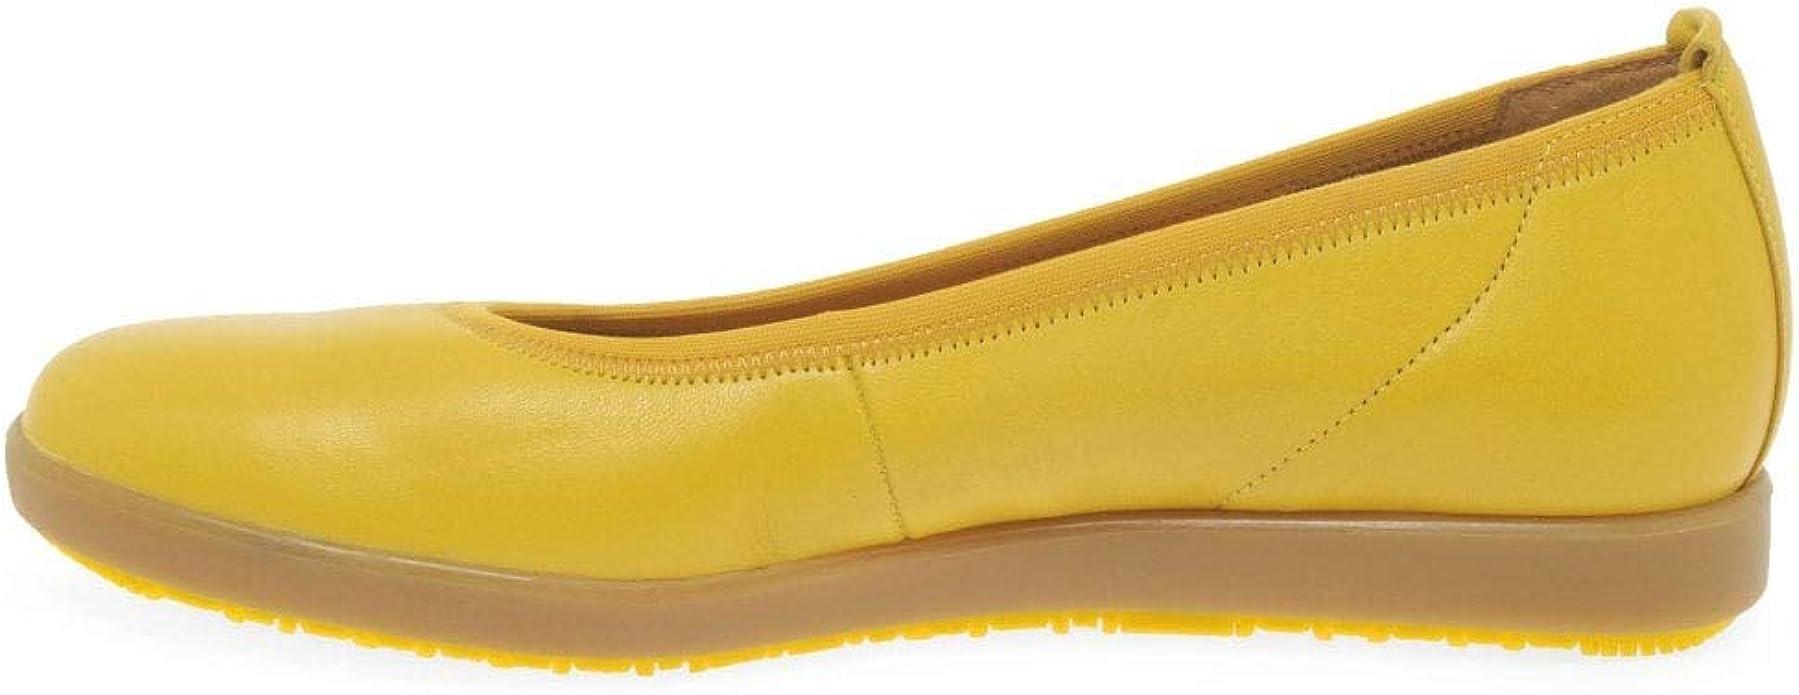 soft leather ballet pumps